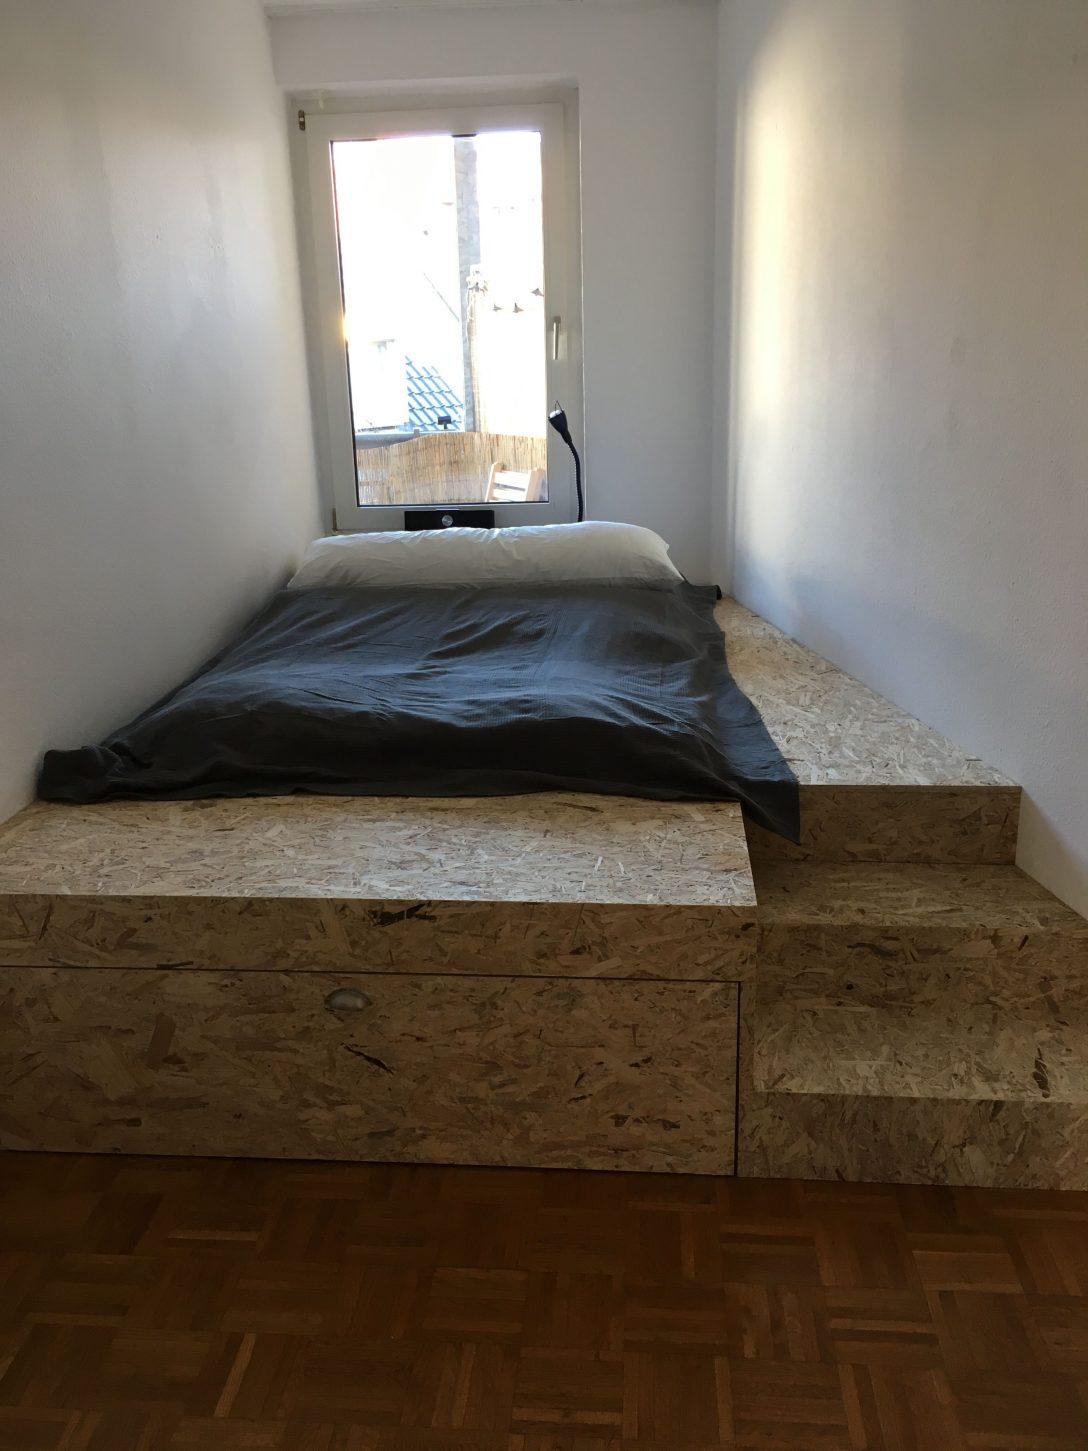 Large Size of Podest Bett Podestbett Selbst Bauen Mit Stauraum Diy Treppe Selber Ikea Hack Kaufen 160x200 Darunter Kosten Topper Modernes Box Spring Rückwand Französische Bett Podest Bett